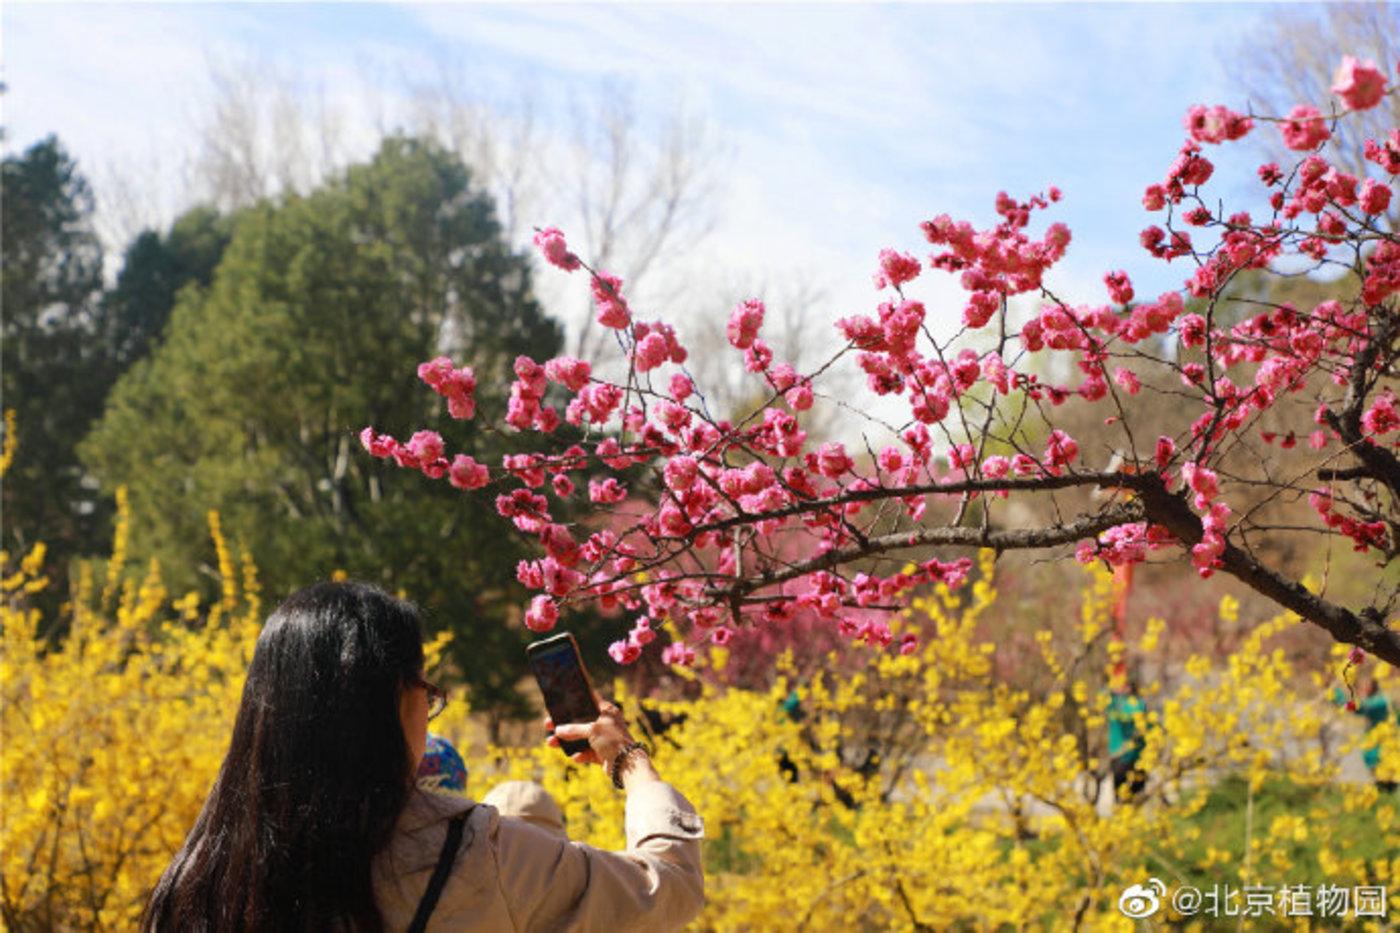 图片来源:北京植物园官微